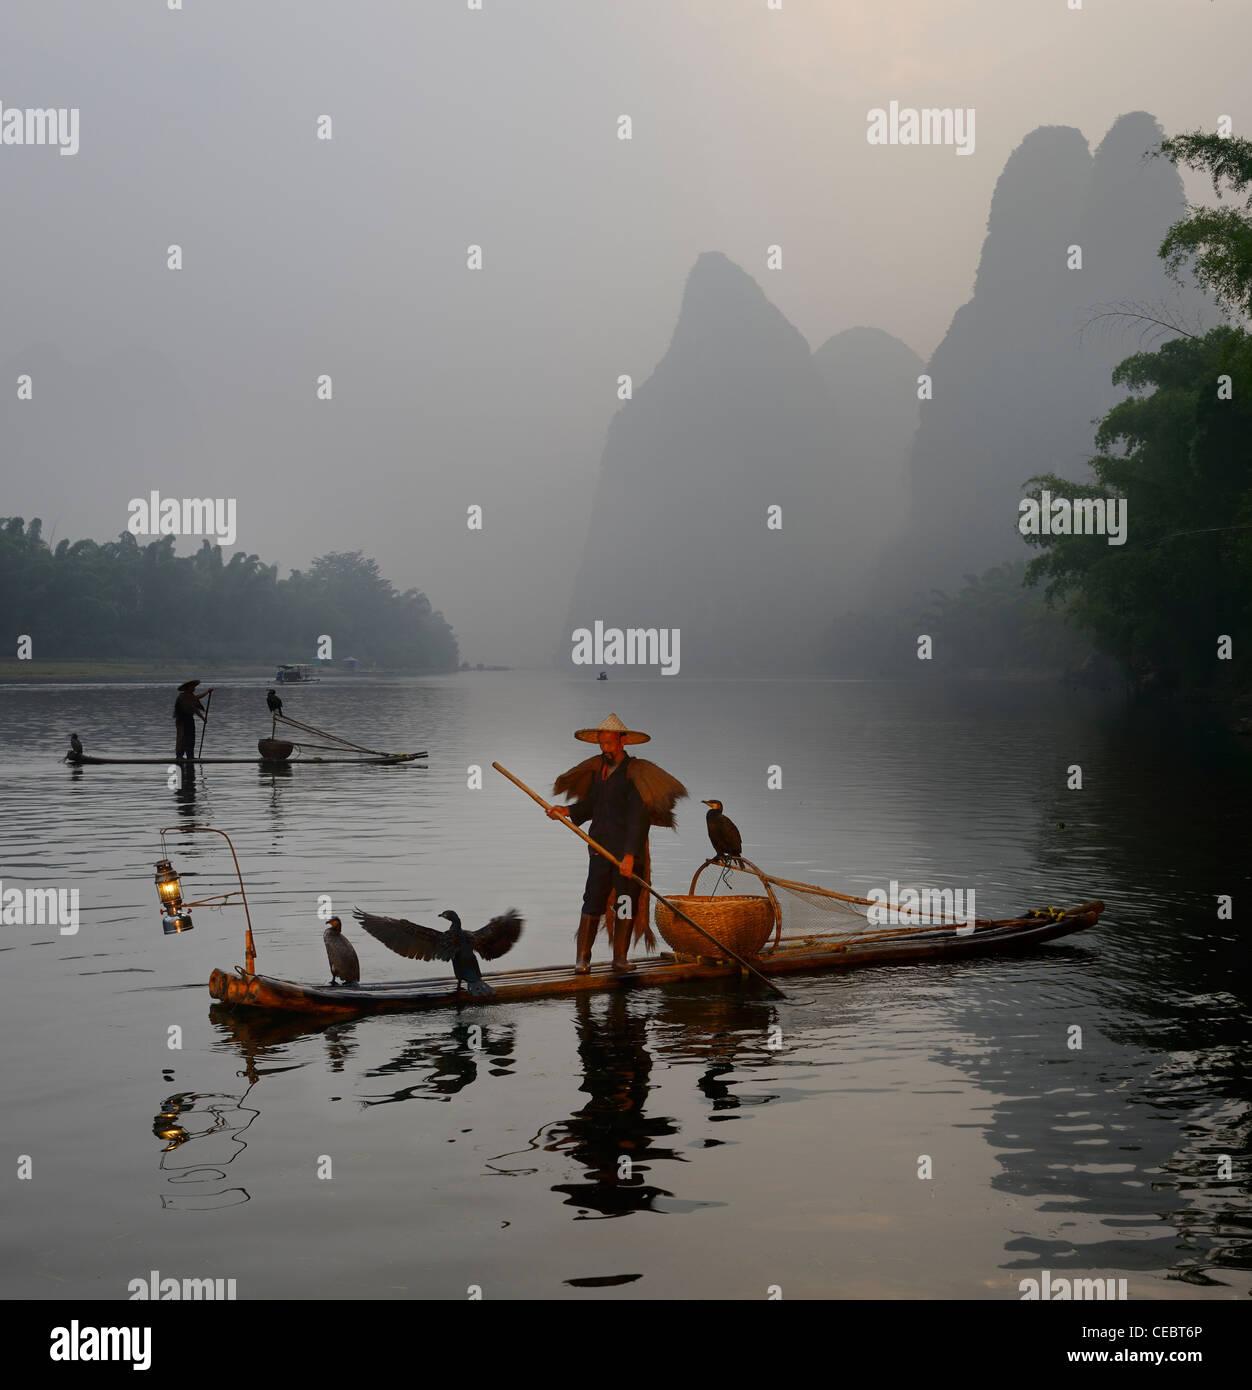 Cormorant fishermen paddling bamboo rafts at dawn on the Li river with Karst mountain peaks Xingpingzhen Yangshuo, Guilin, Guangxi China Stock Photo